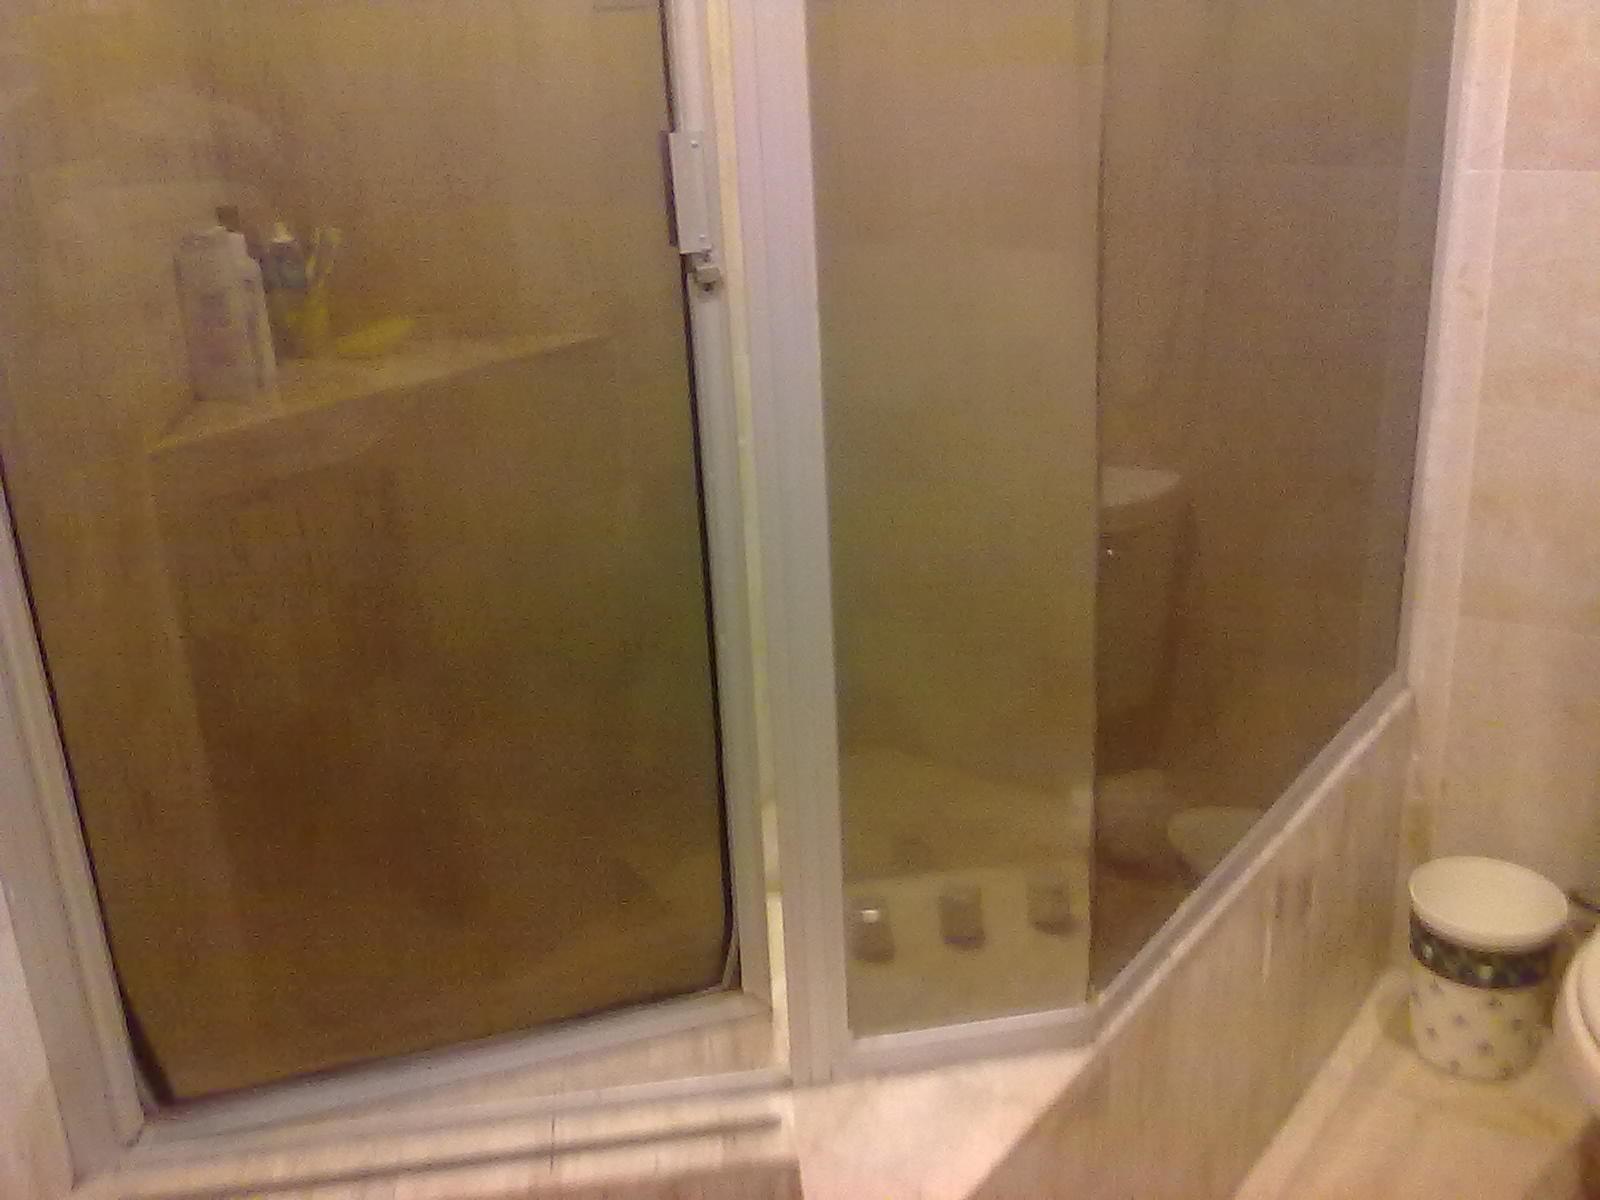 Puertas De Baño Imagenes:Cancel de baño aluminio natural con puerta abatible con pasadores y